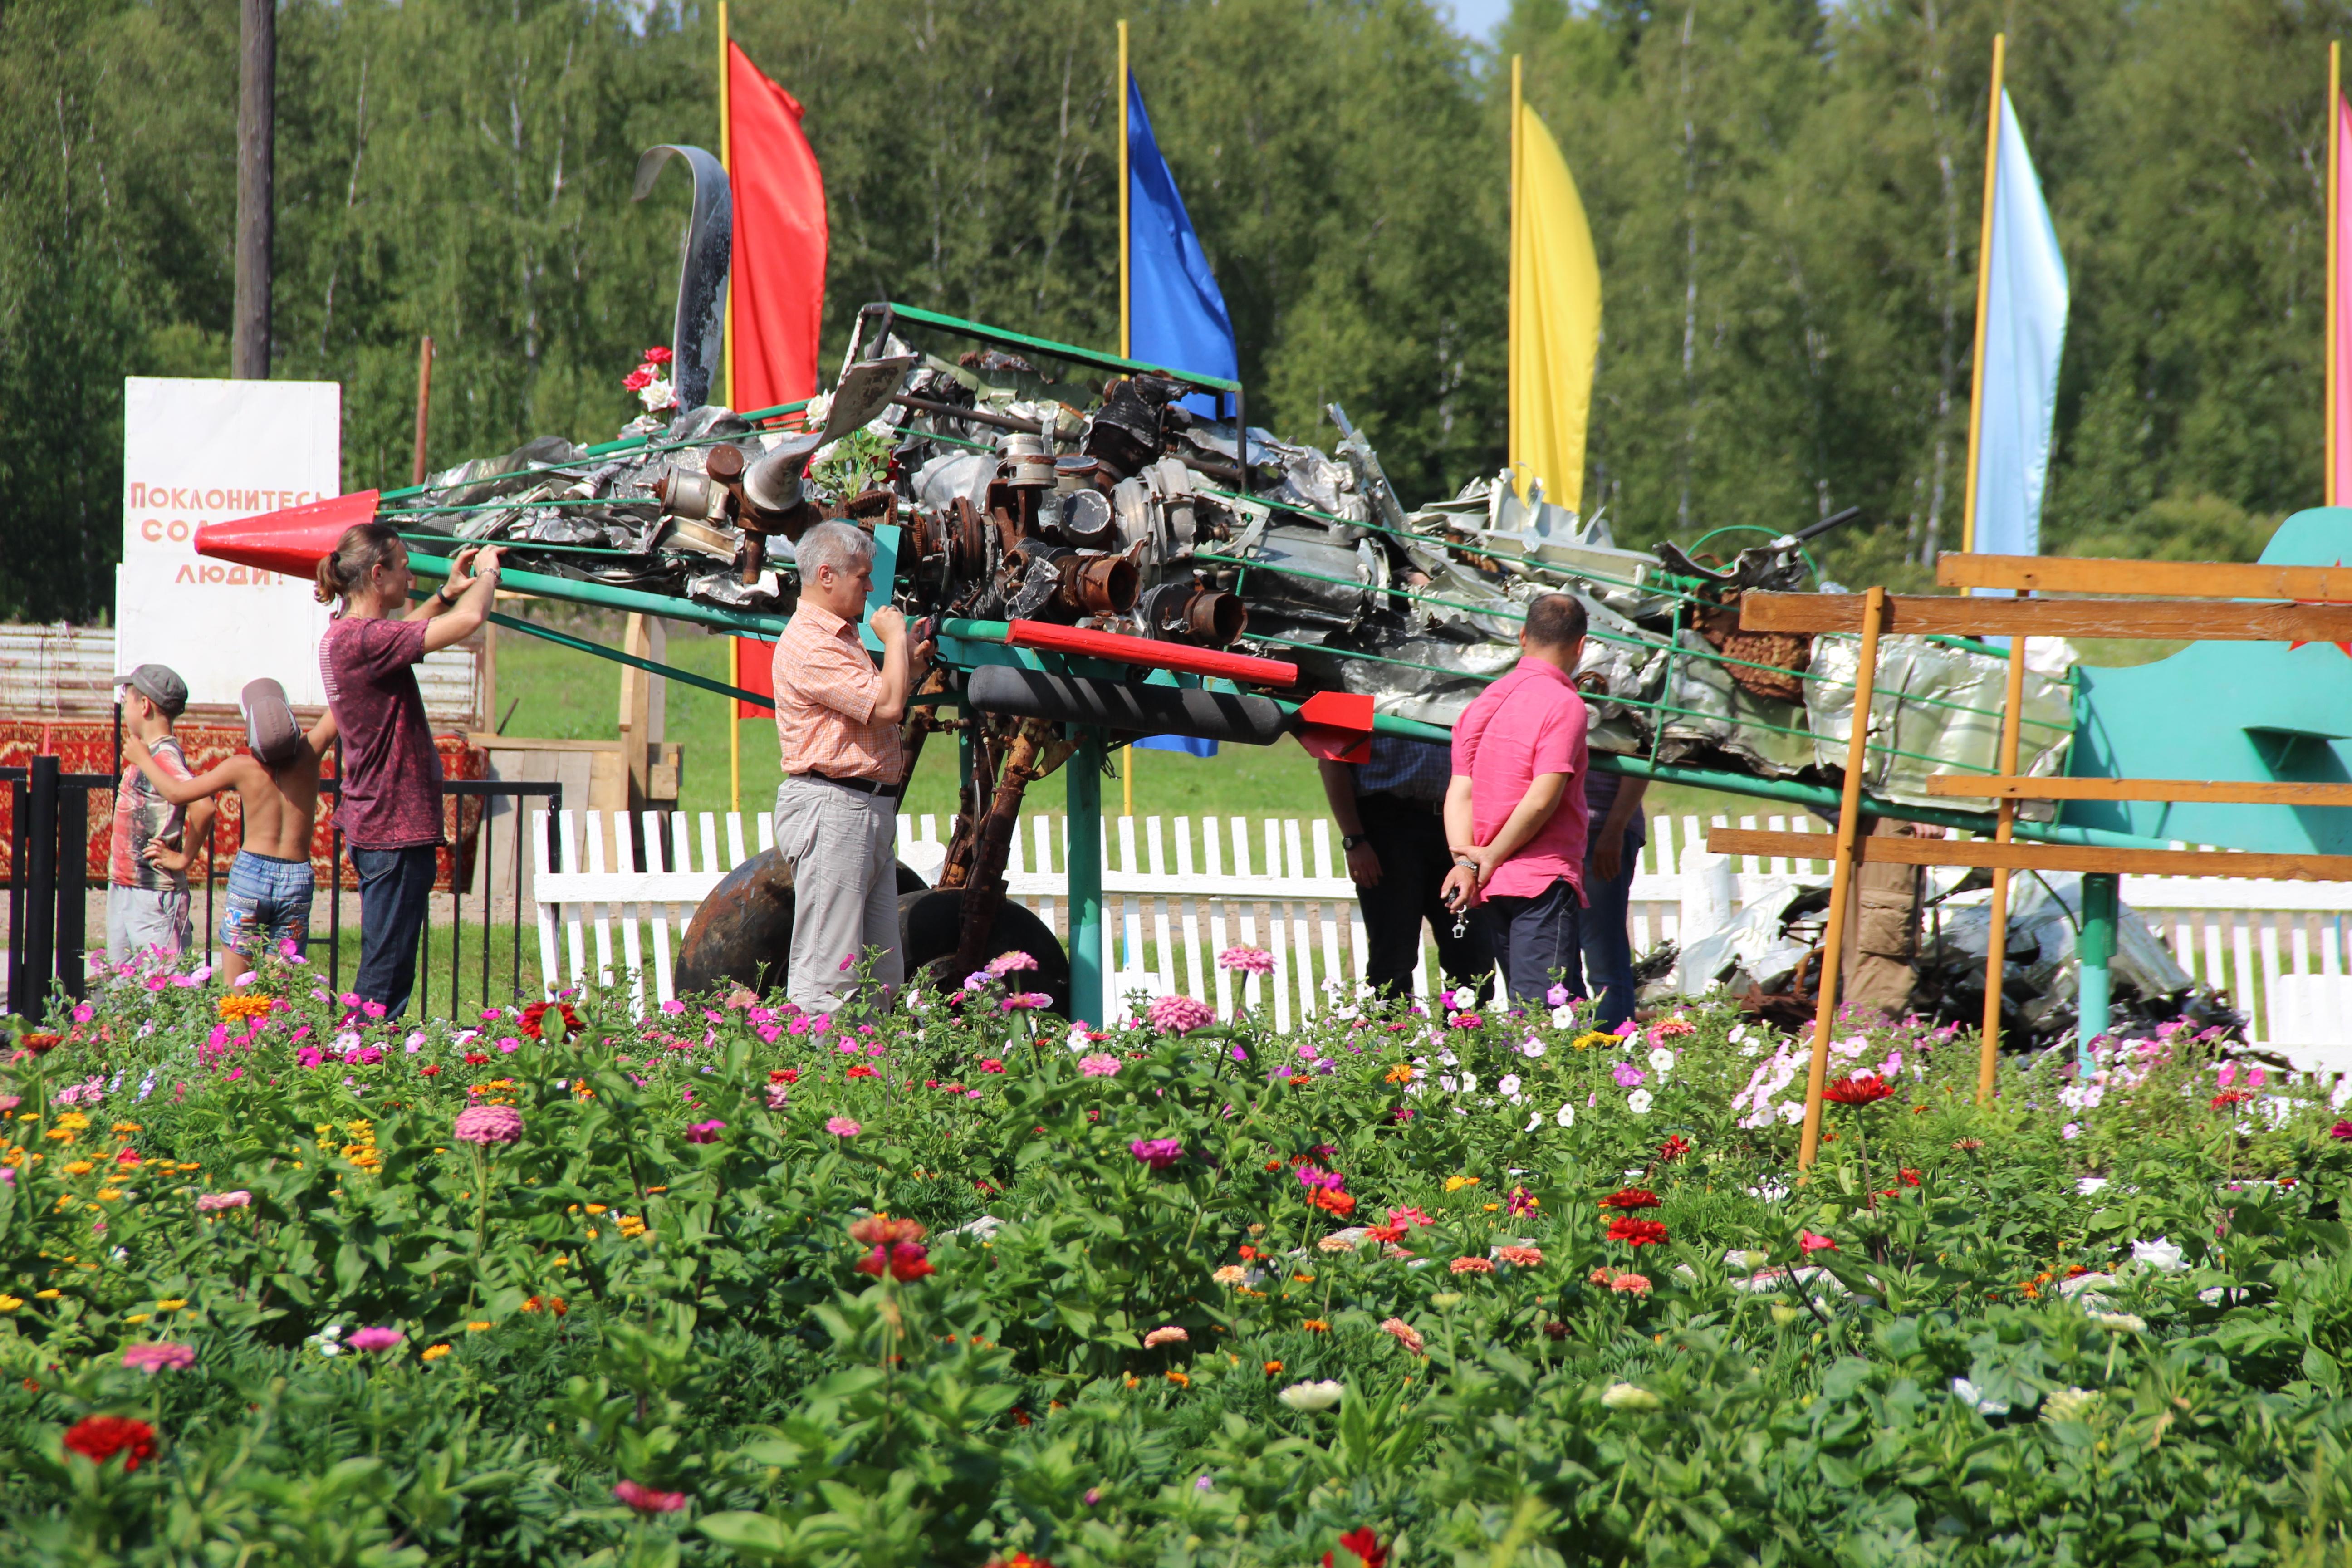 Красноярские следопыты приняли участие в экспедиции к месту гибели летчиков в годы Великой Отечественной войны